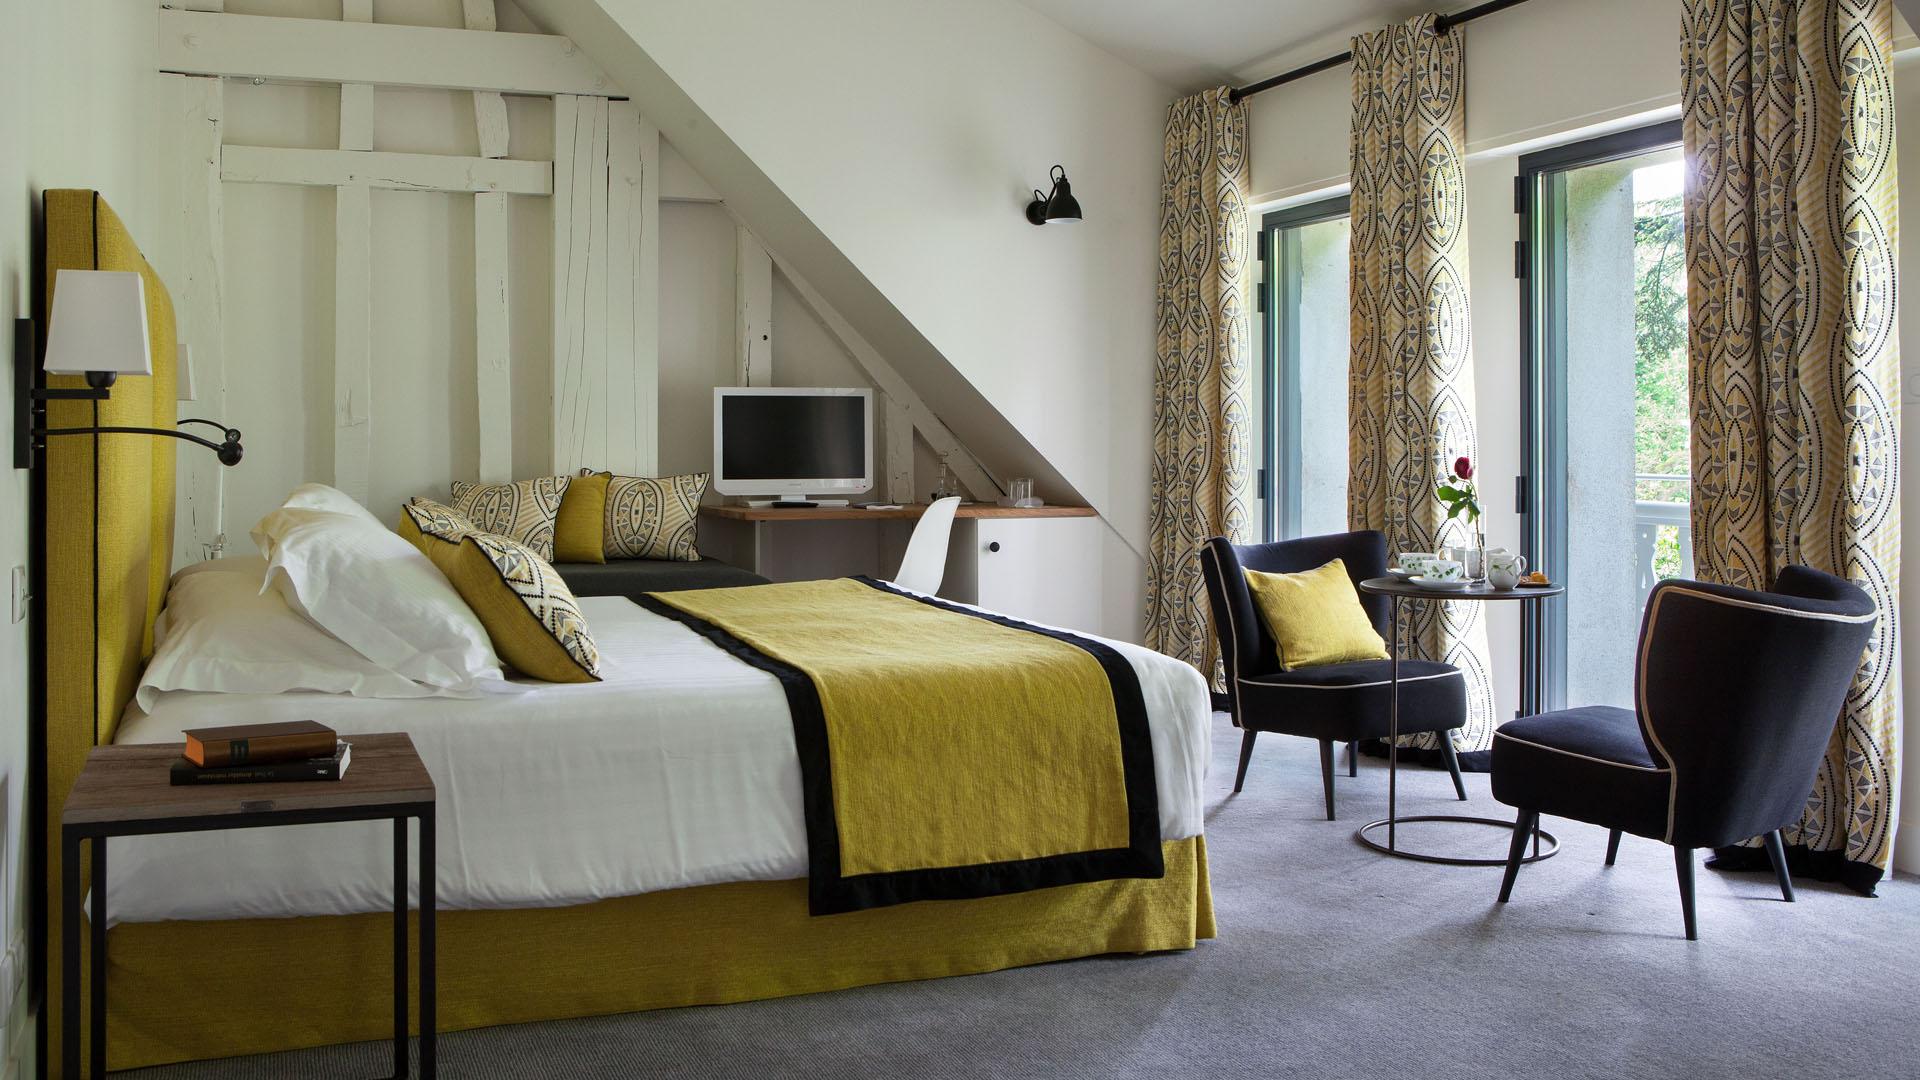 Week-end en amoureux - Chambre de l'hôtel de la Tortinière. France